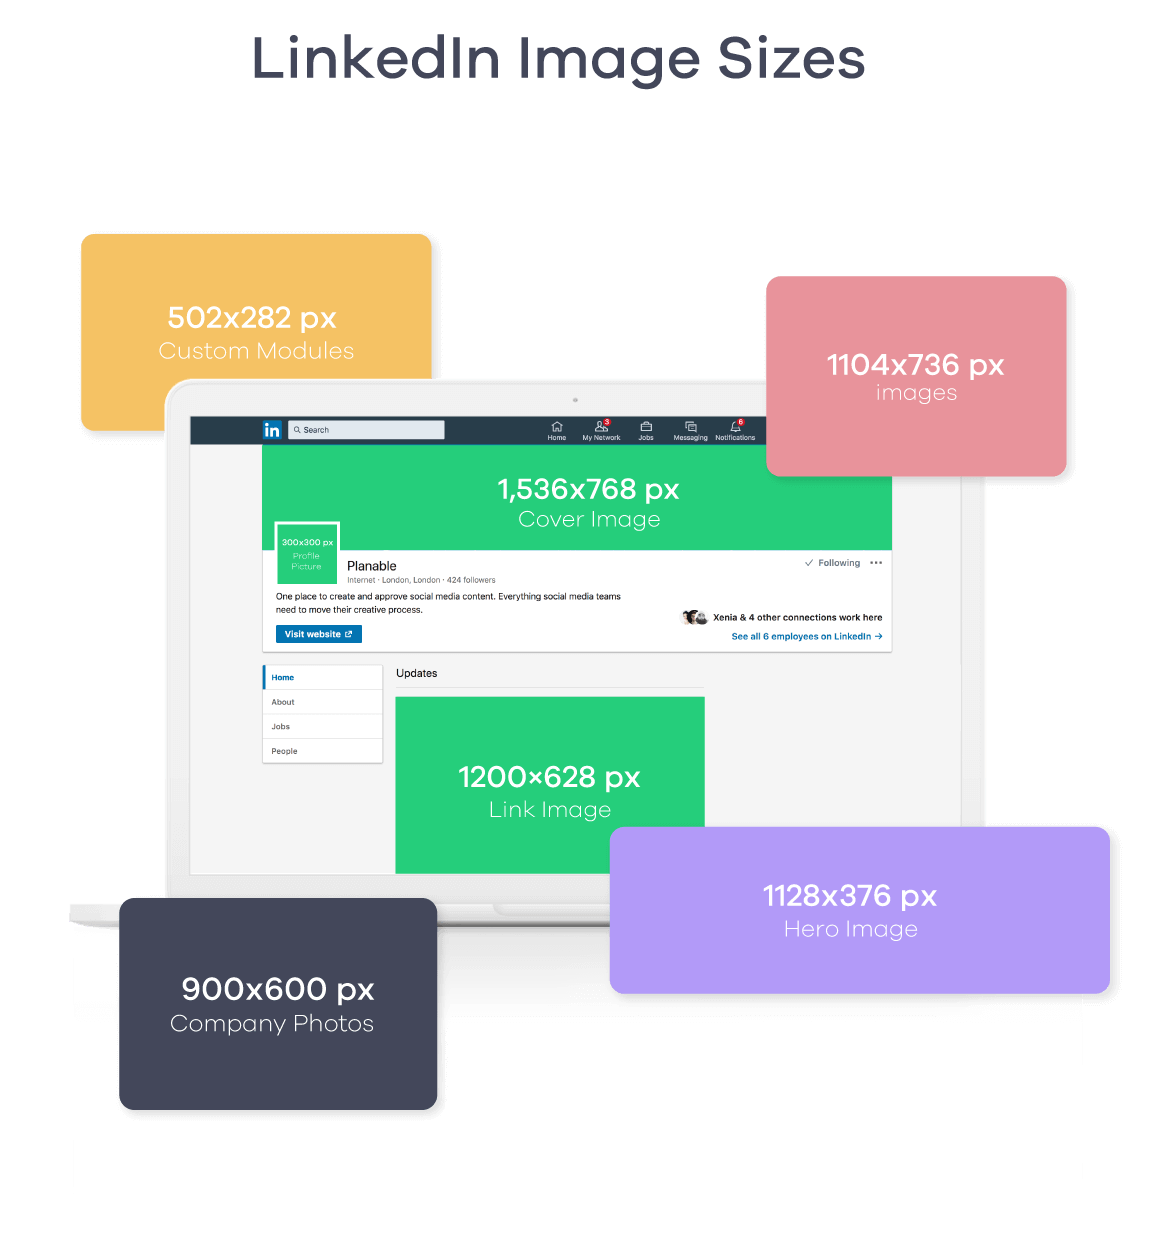 linkedin image sizes 2019